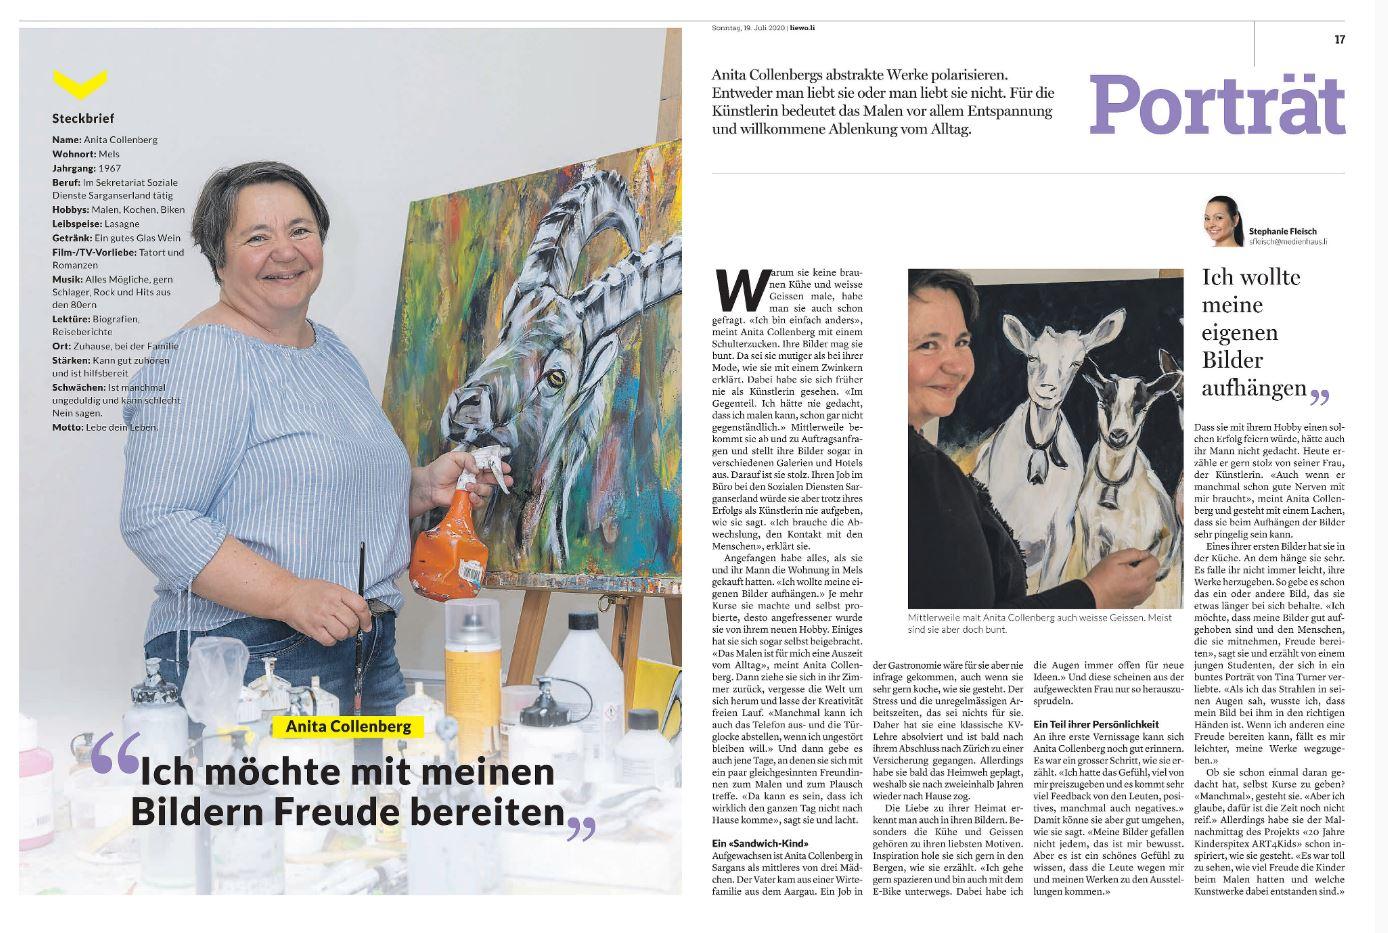 Zeitungsbericht Liewo 19.07.2020